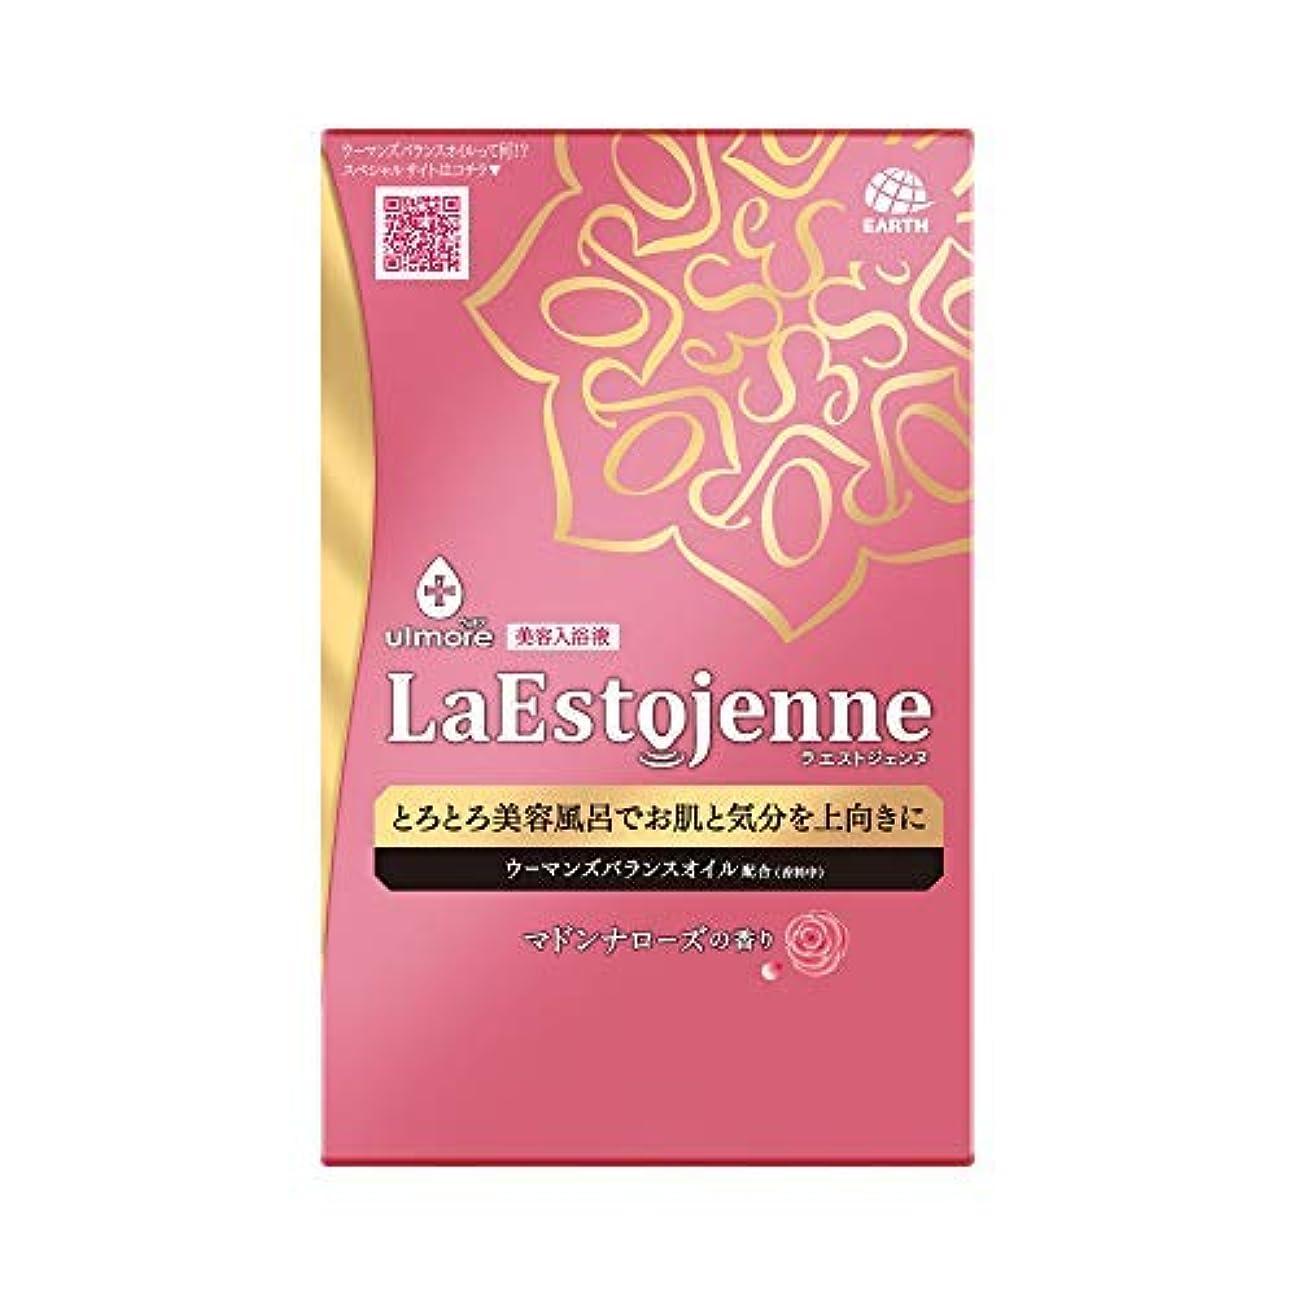 抑圧するけん引ペルメルウルモア ラエストジェンヌ マドンナローズの香り 3包入り × 8個セット